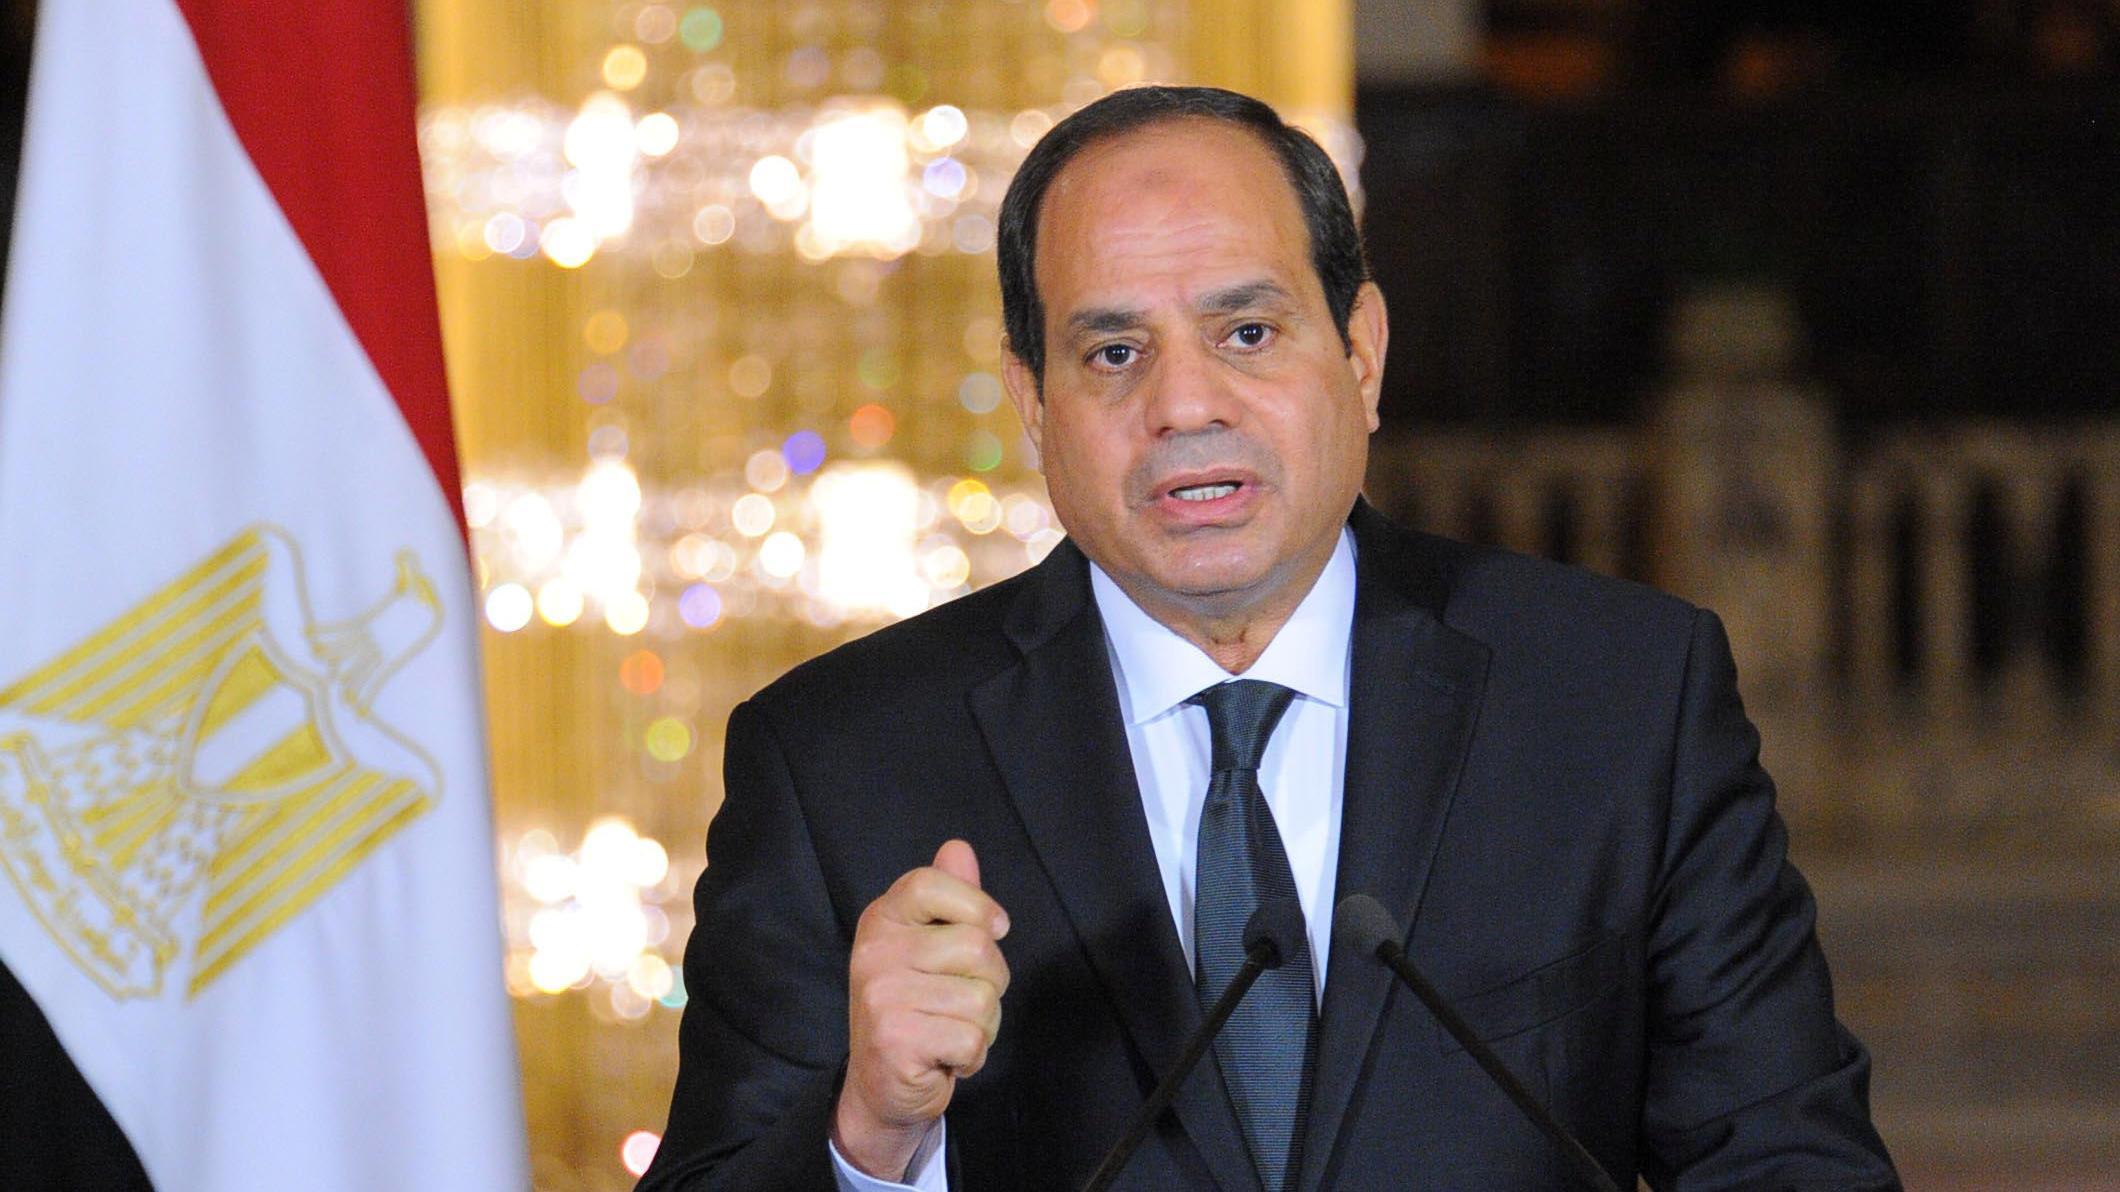 دول القارة السمراء تتطلع لرئاسة مصر للاتحاد الأفريقي